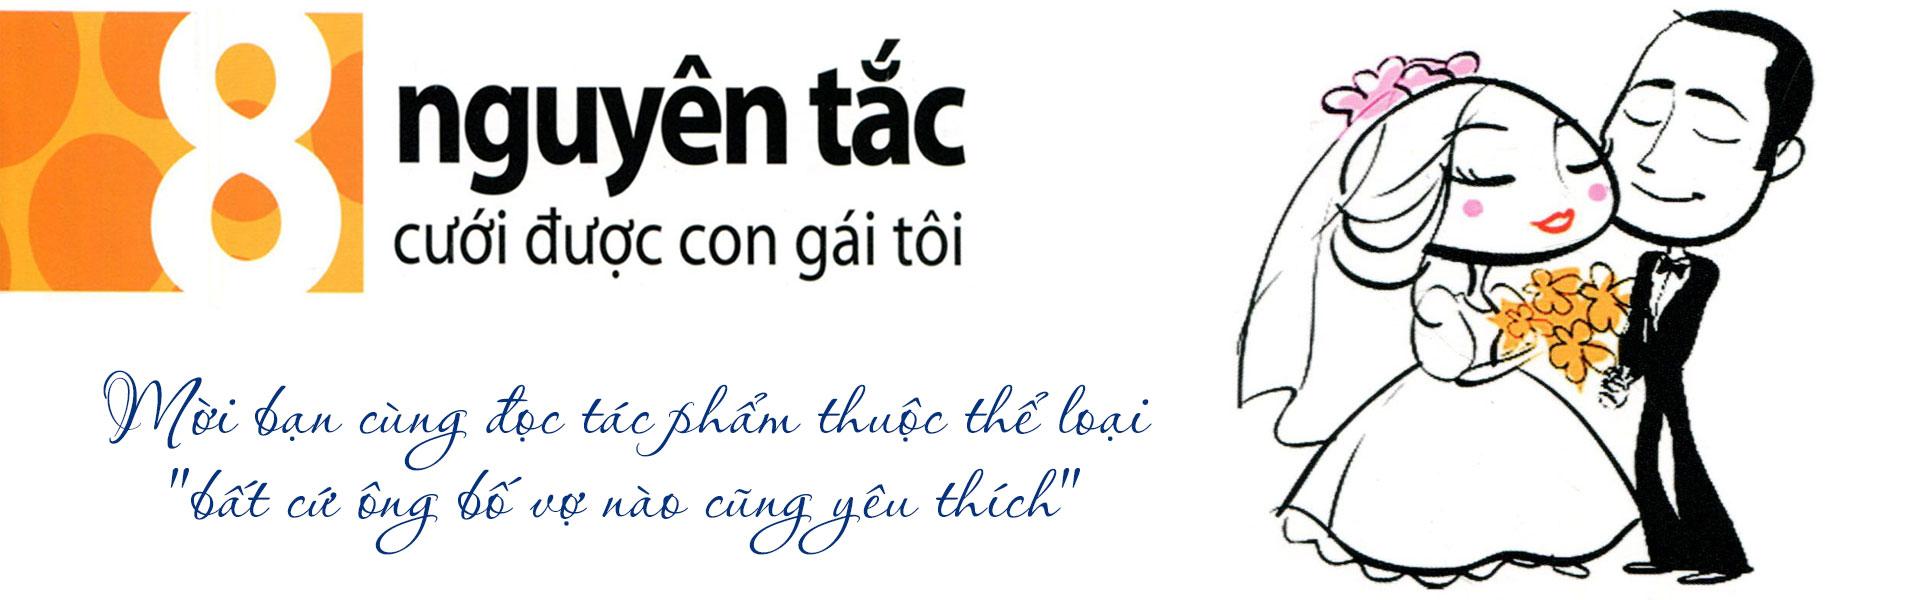 Banner 8 Nguyen Tac